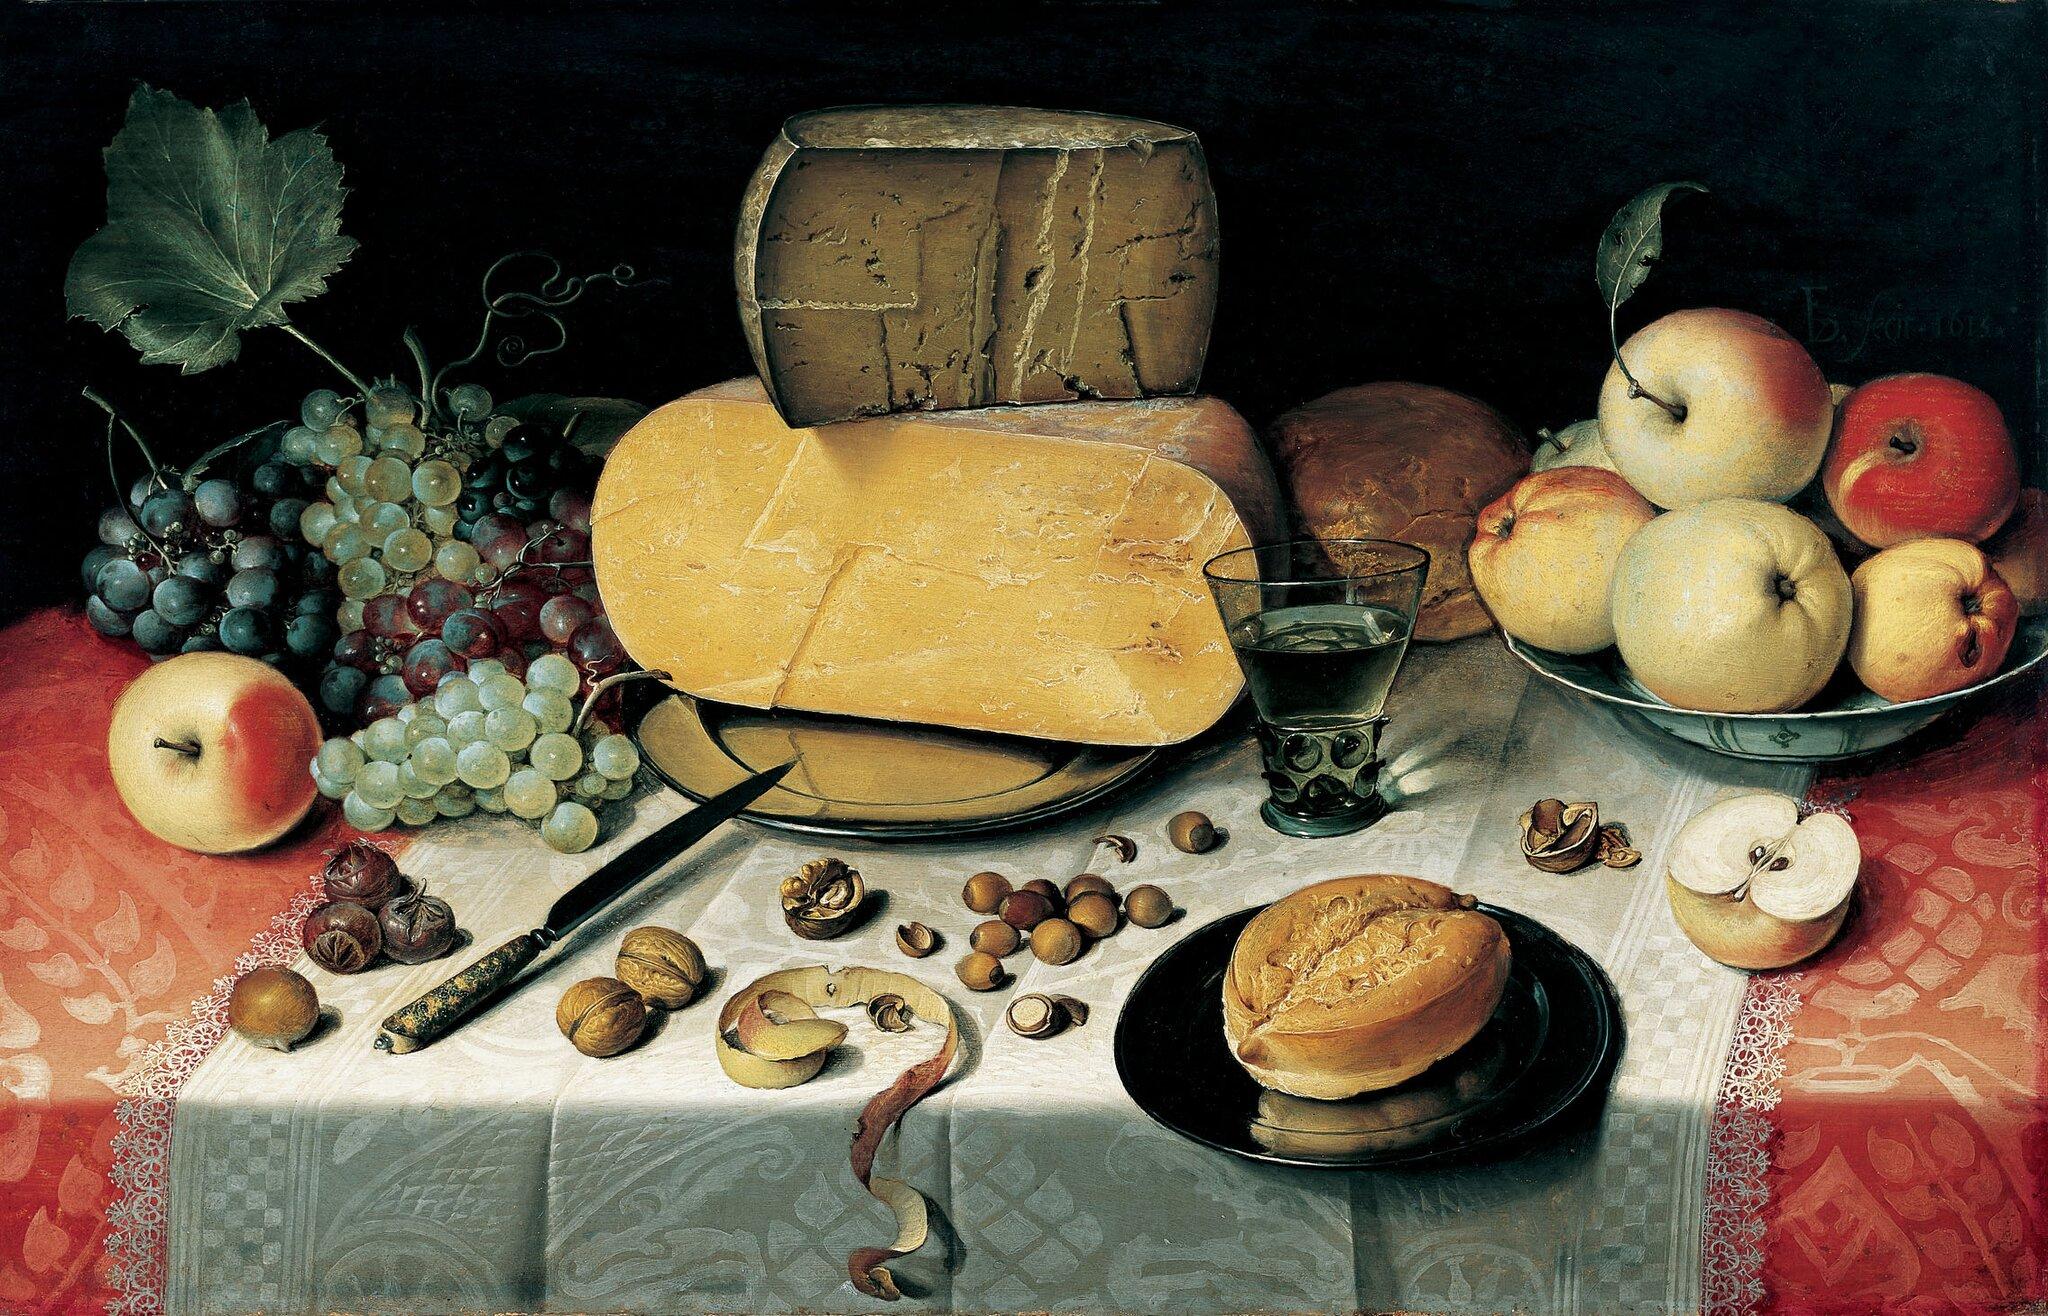 Martwa natura zowocami, orzechami iserem Źródło: Floris van Dyck, Martwa natura zowocami, orzechami iserem, 1613, olej na płótnie, Frans Hals Museum, Holandia, domena publiczna.